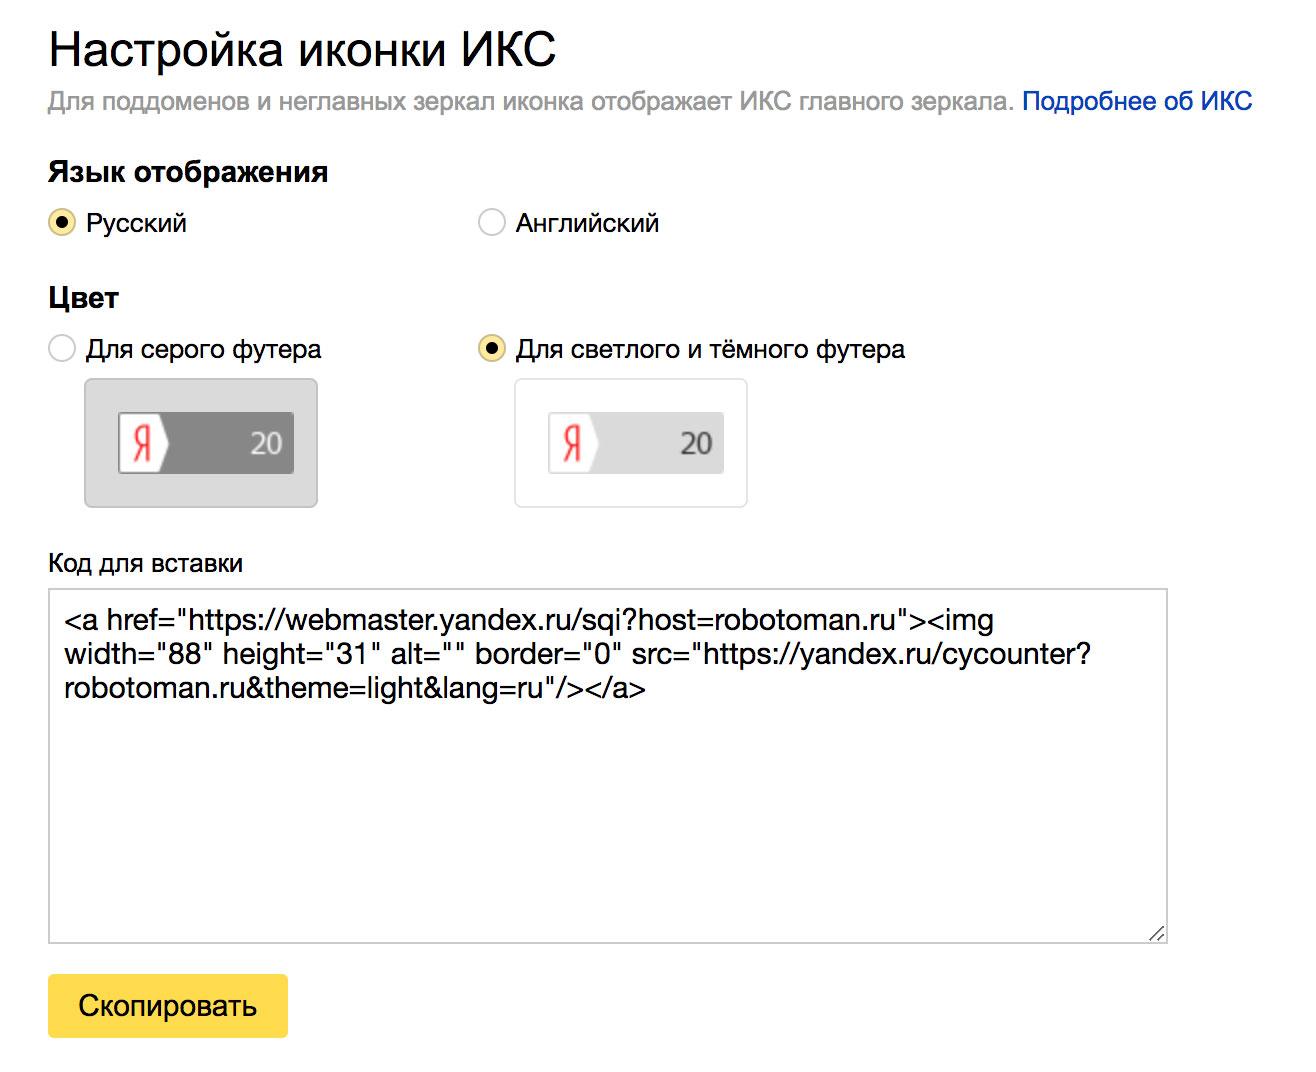 Индекс качества сайта ИКС от Яндекса появился